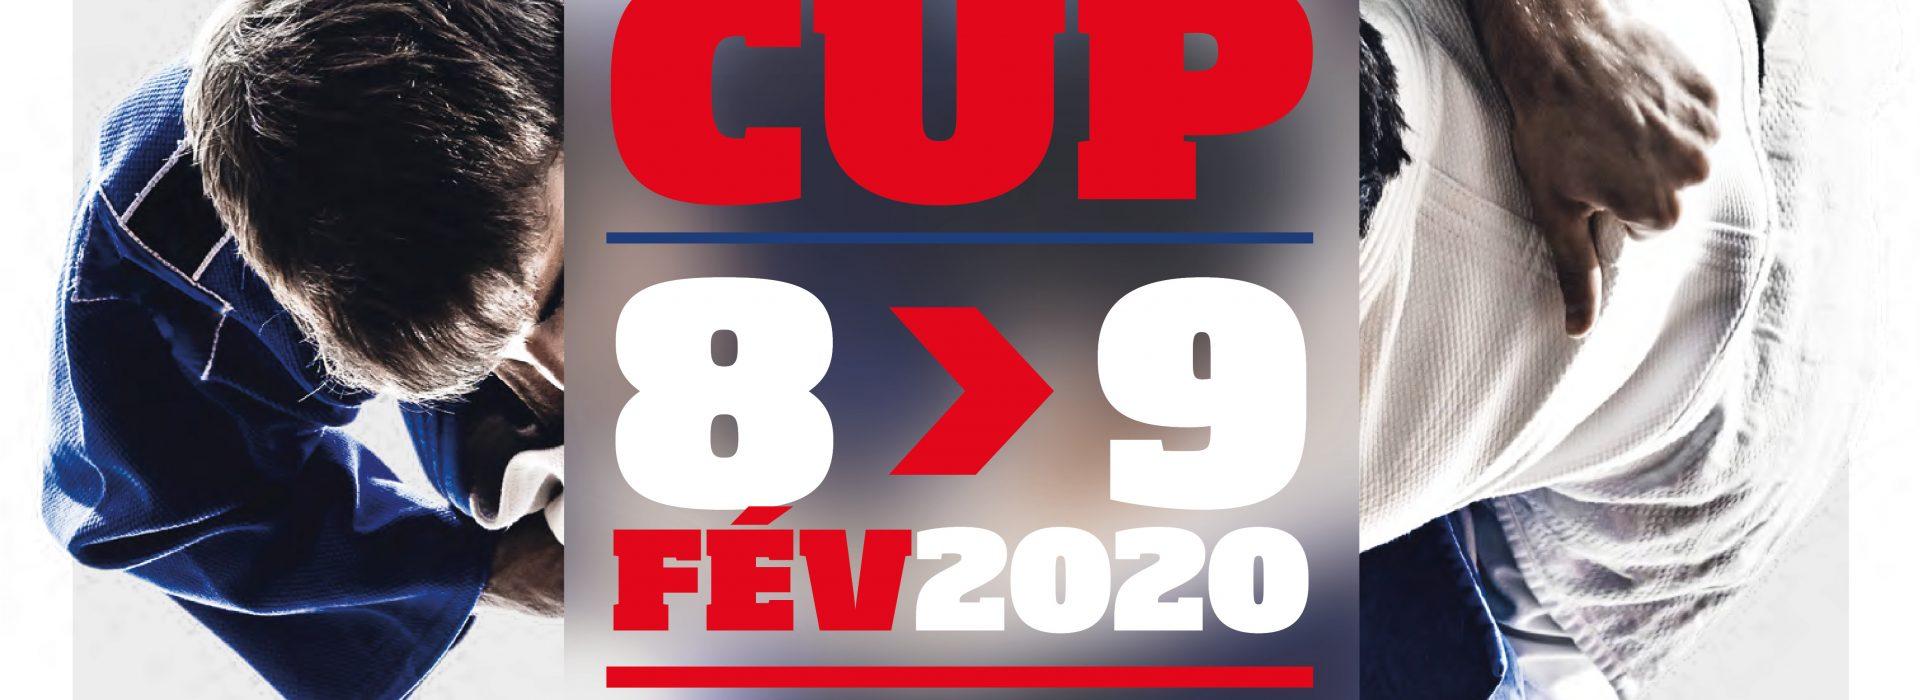 La volcanique Cup